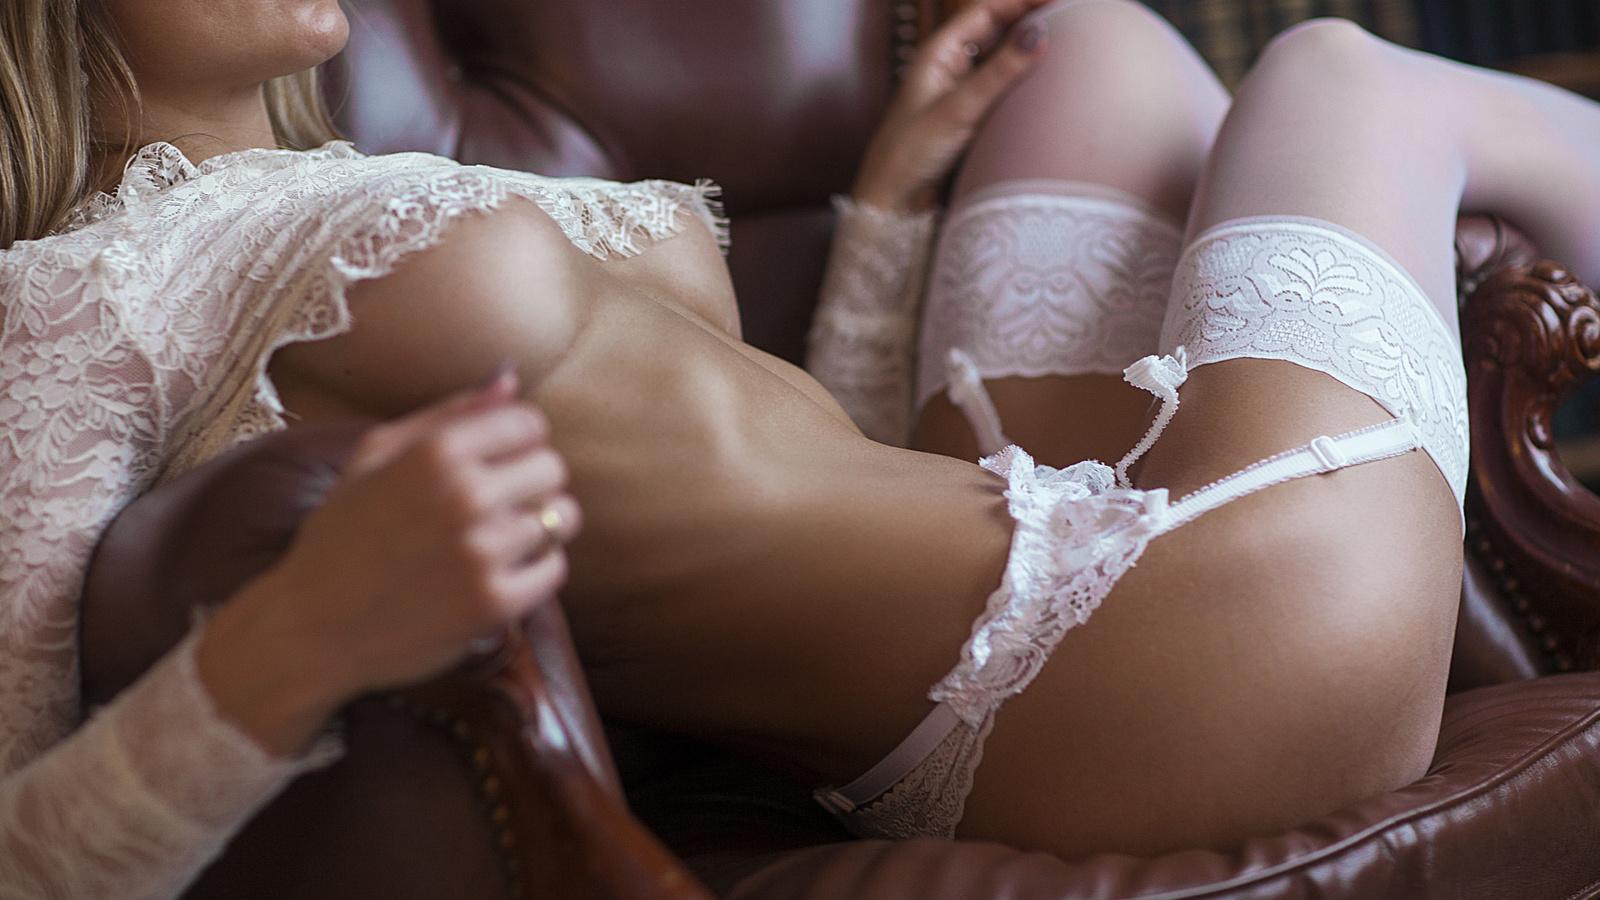 Порно Красотку В Кружевном Белье